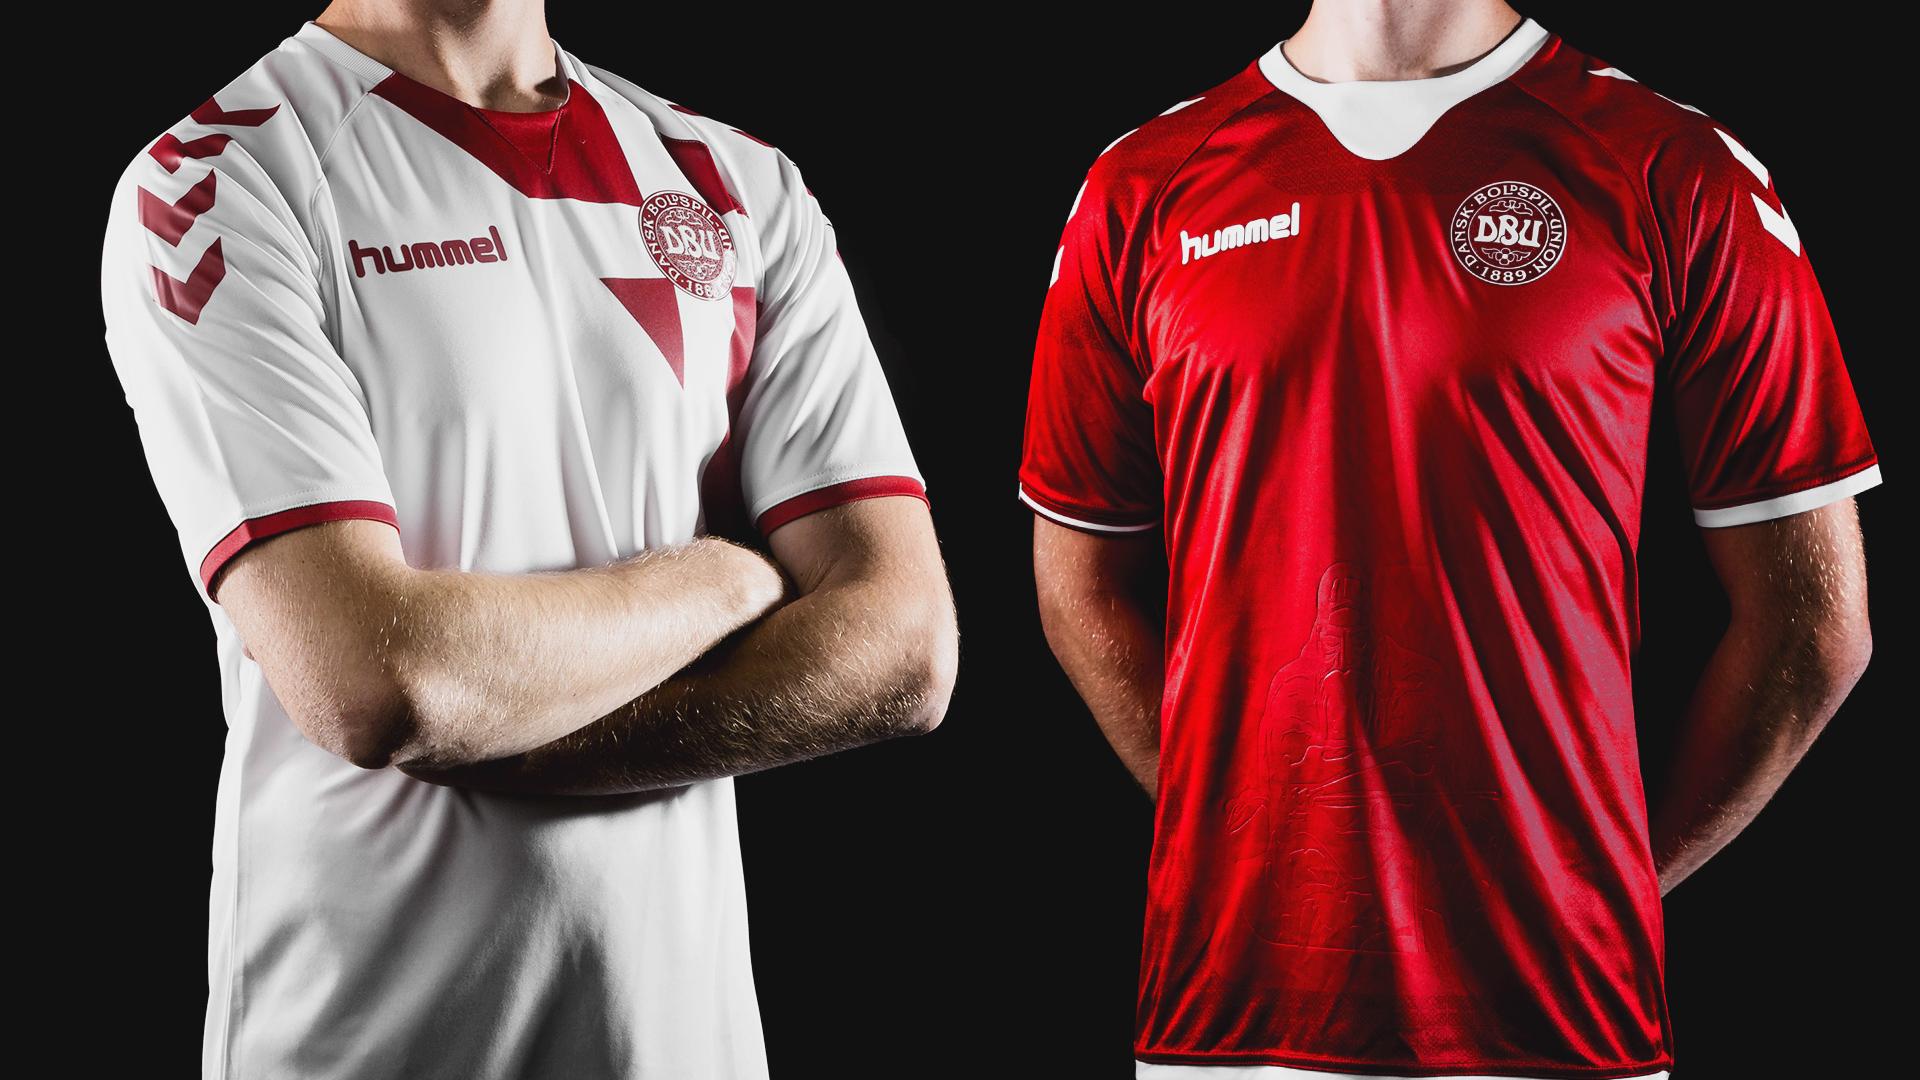 33532dd28 Denmark   Hummel present new national shirt